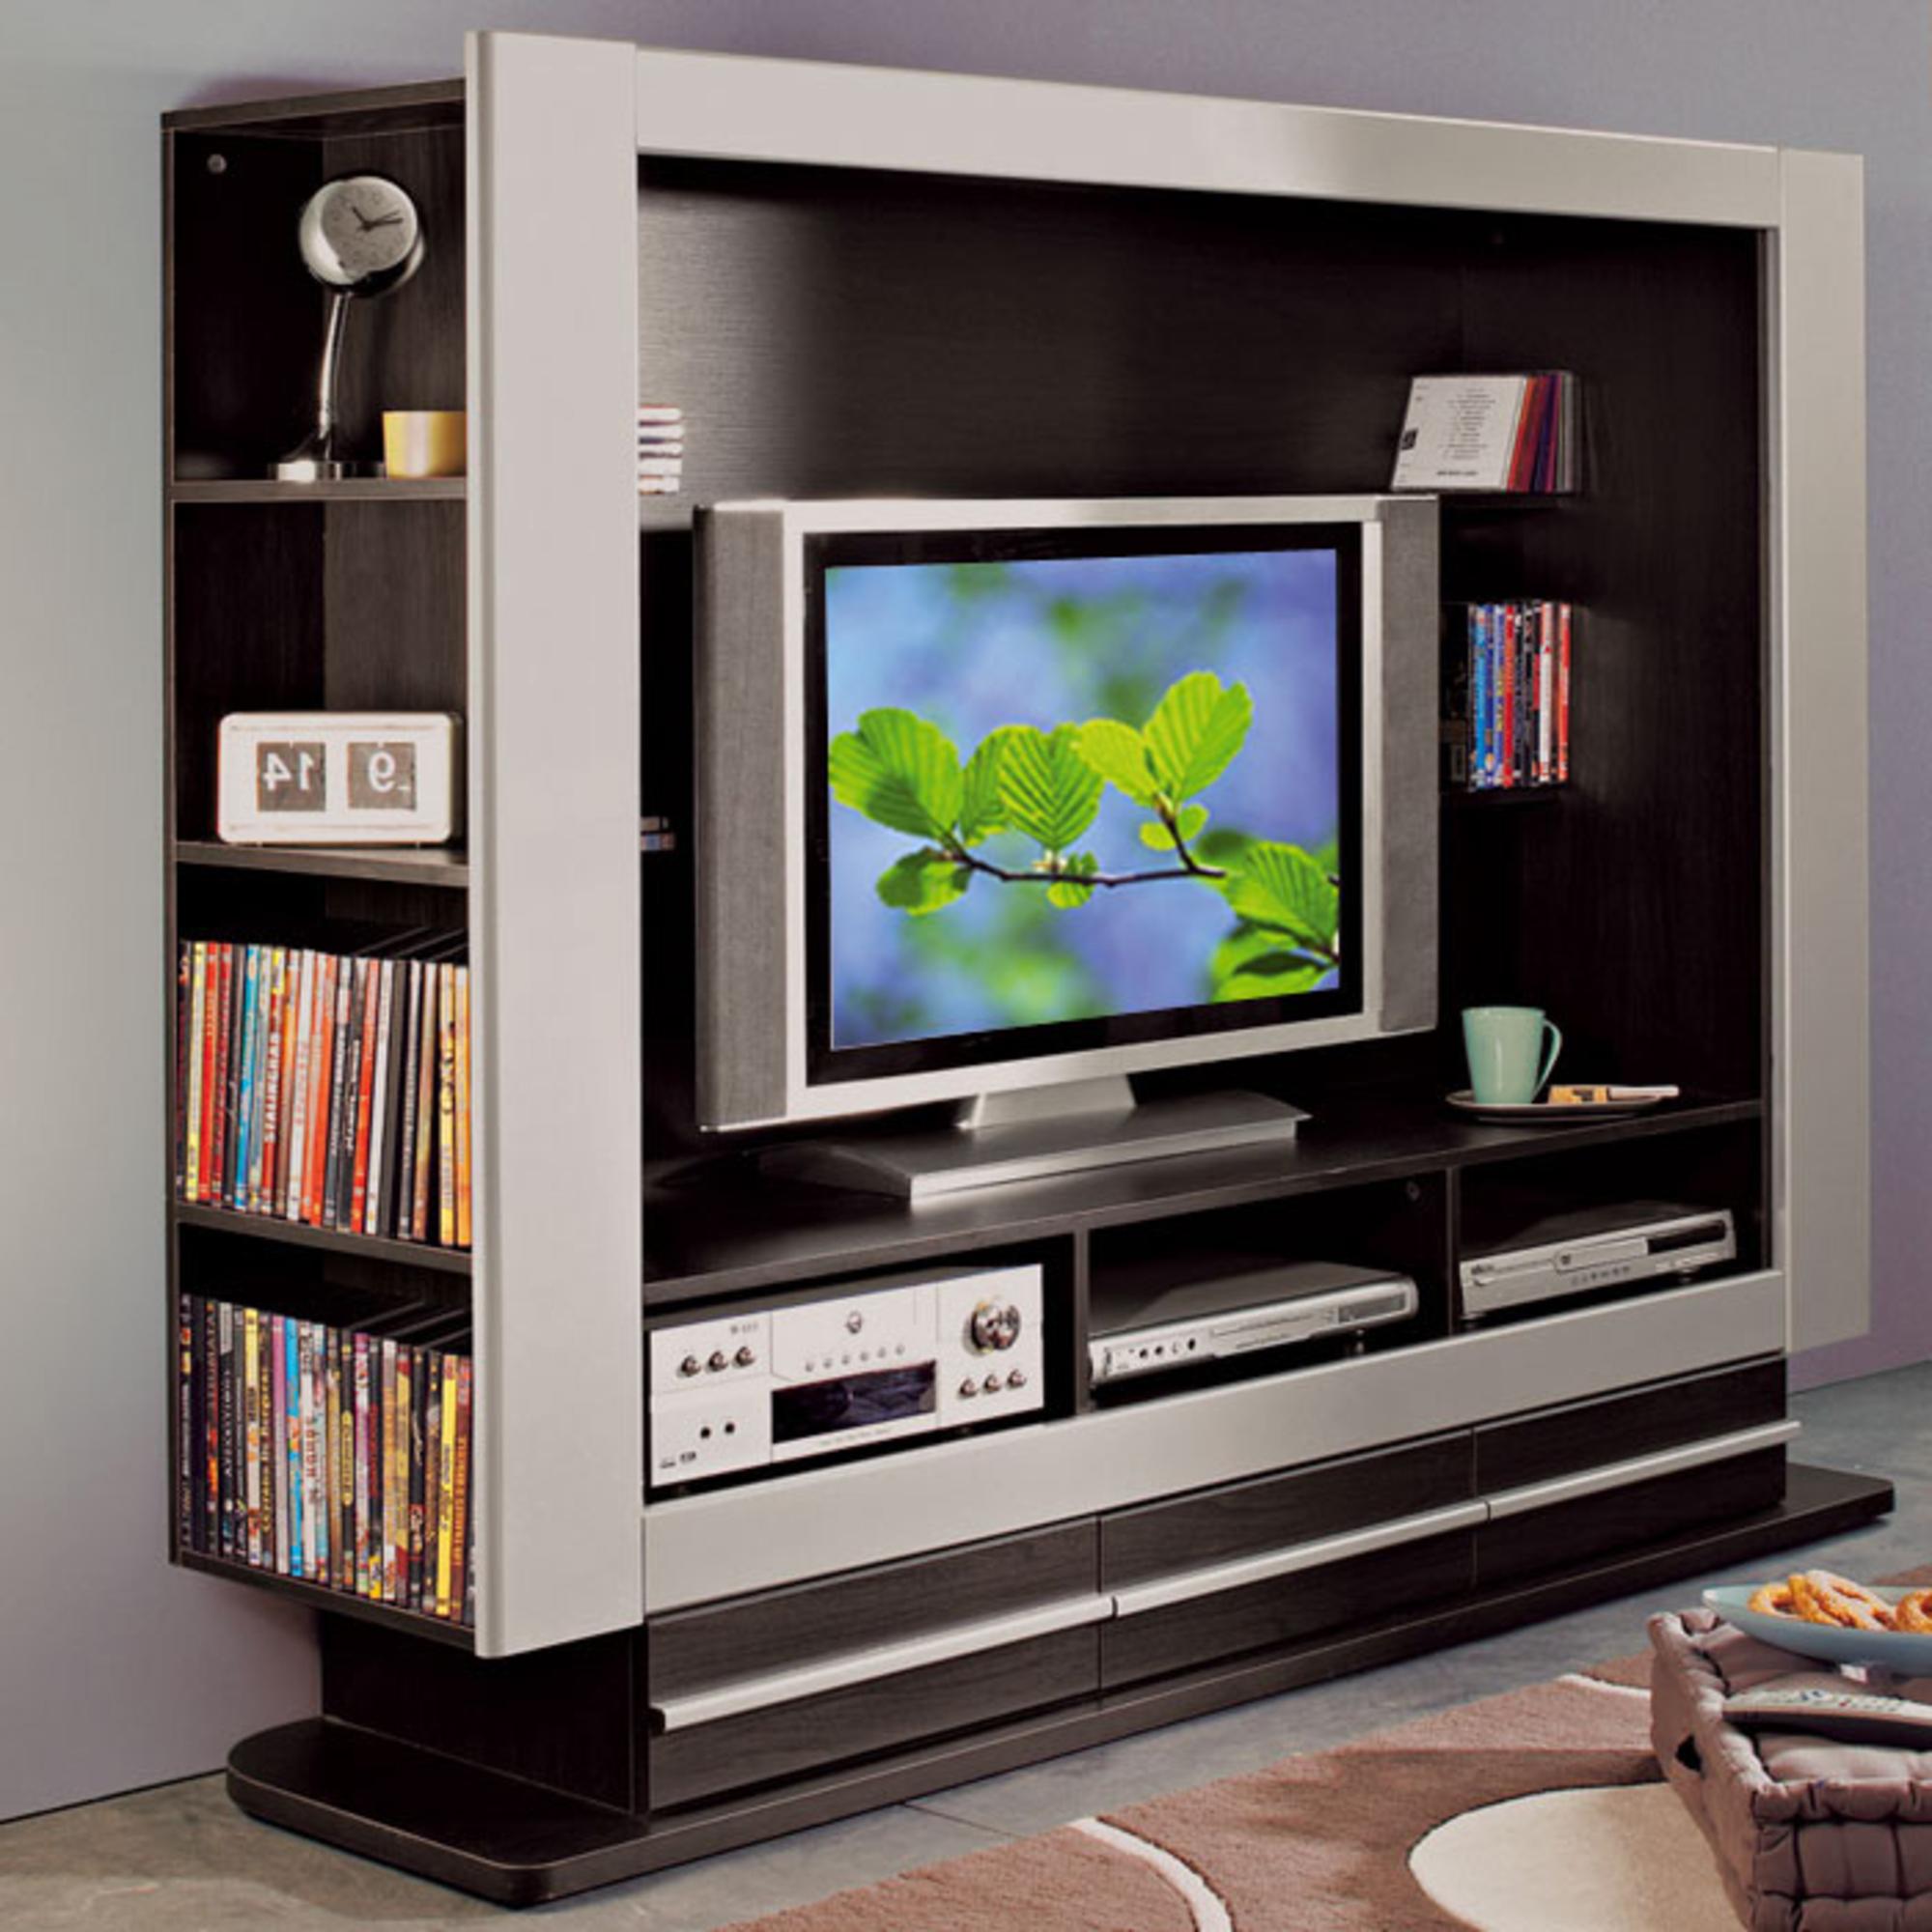 meubles tele ecran plat maison et mobilier d 39 int rieur. Black Bedroom Furniture Sets. Home Design Ideas